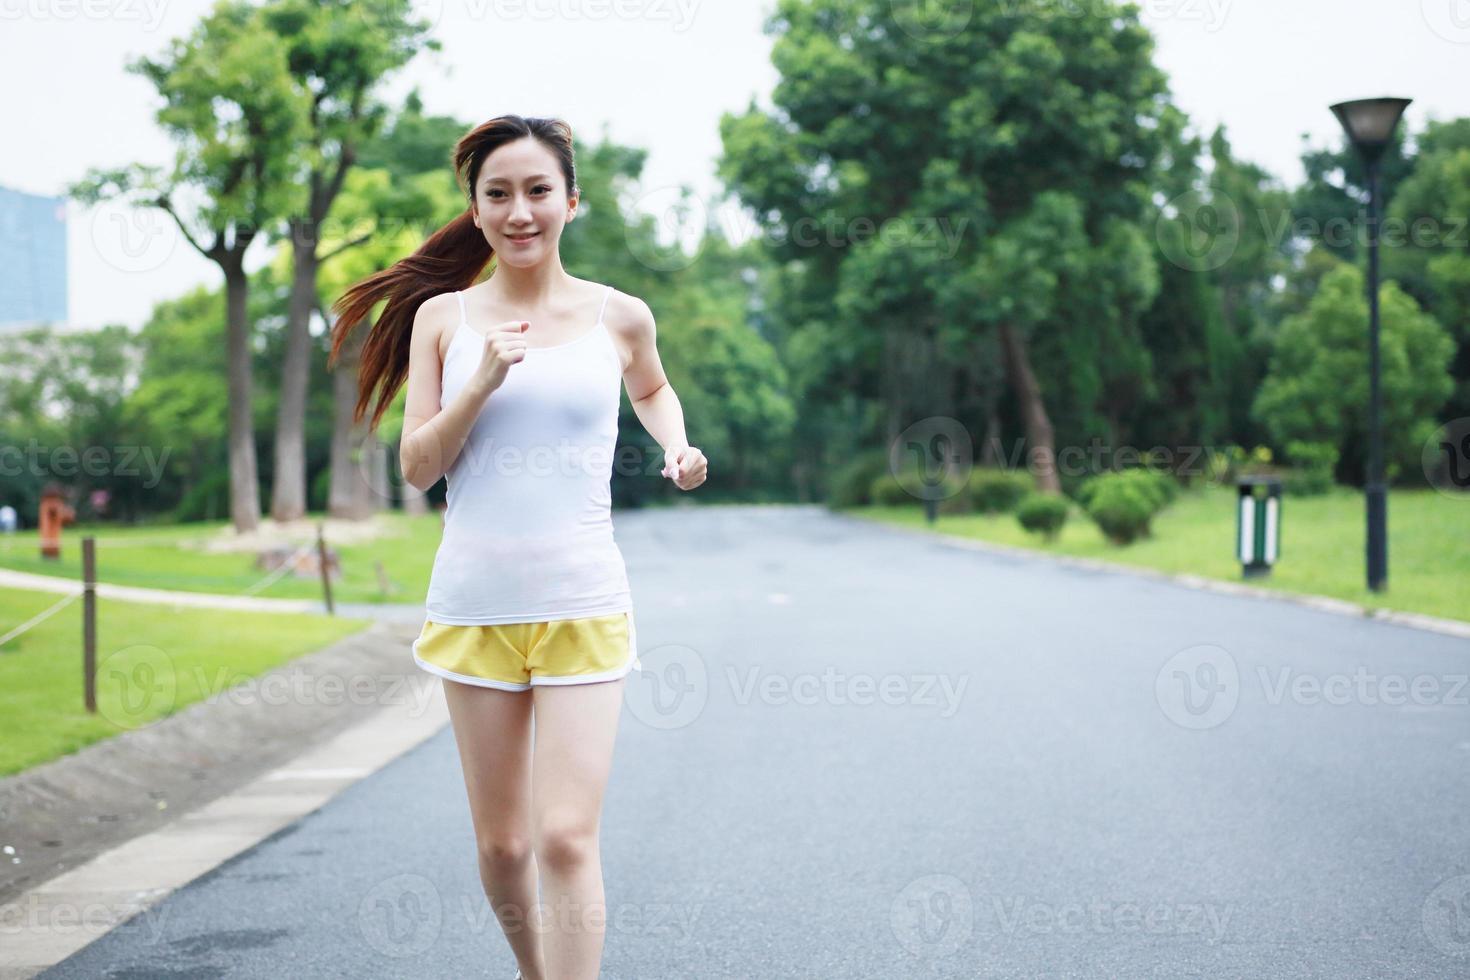 Running girl photo